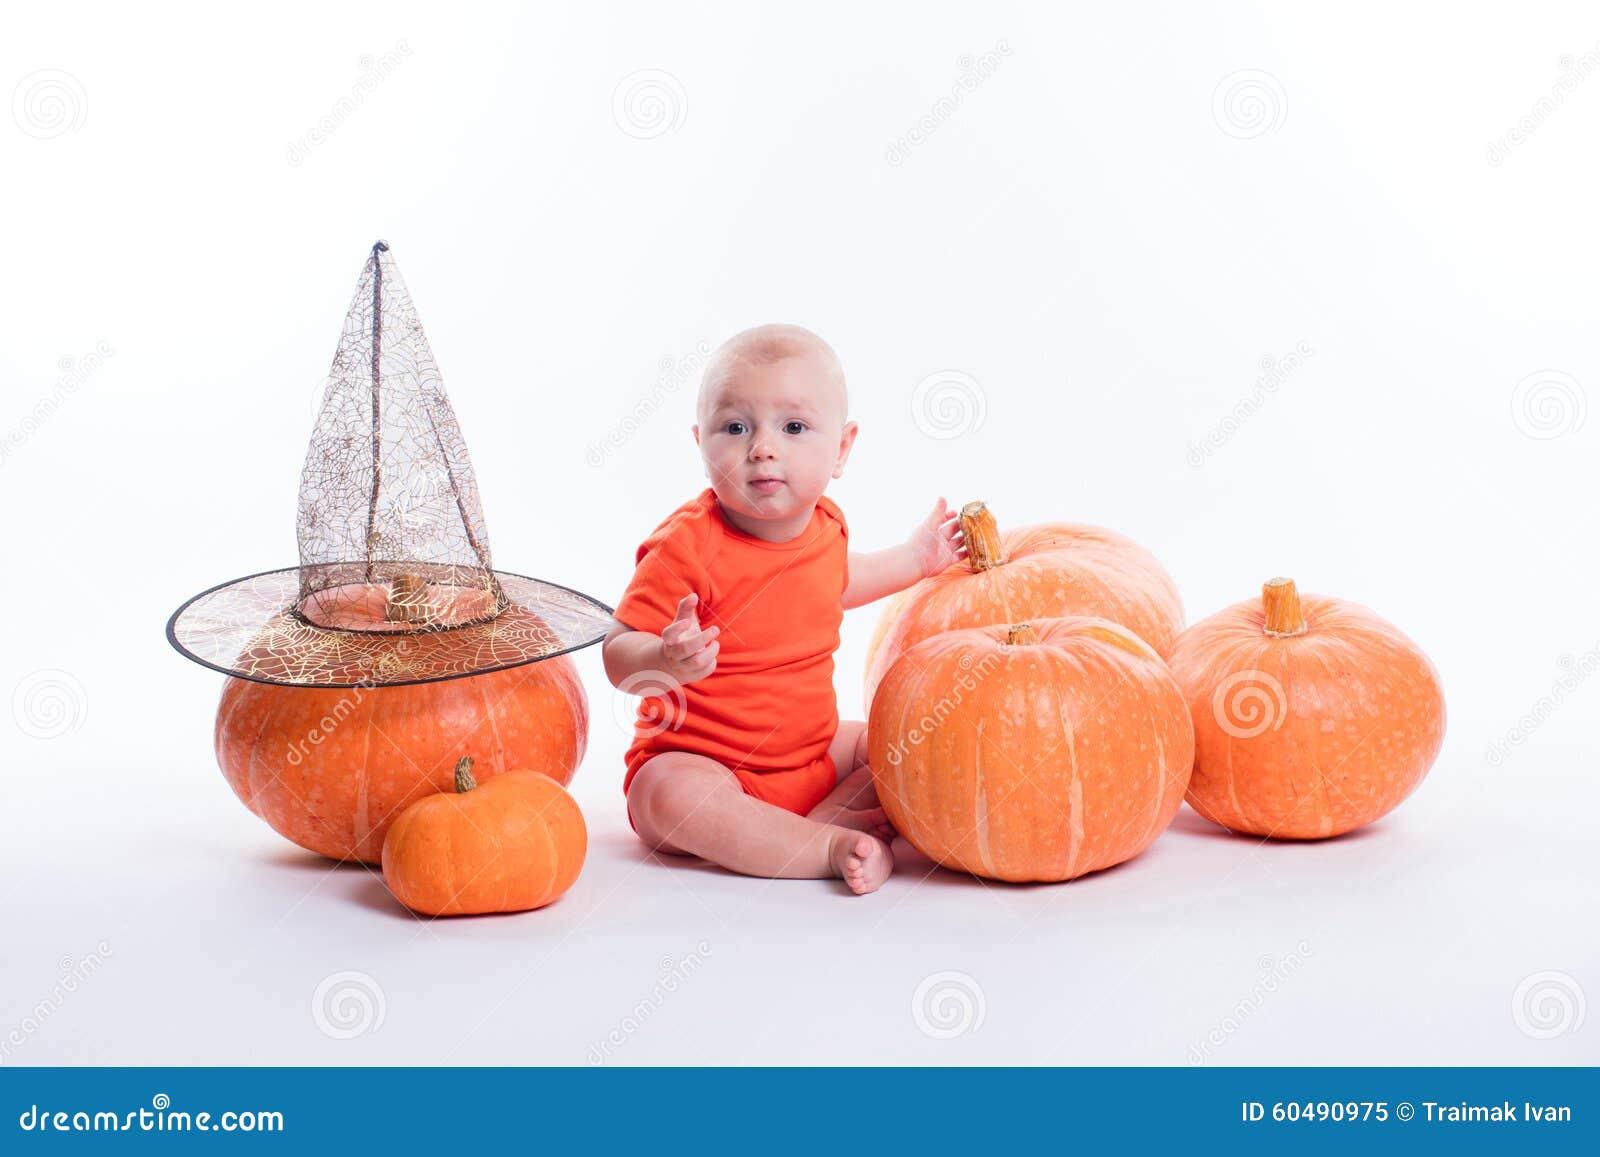 Μωρό στην πορτοκαλιά συνεδρίαση μπλουζών σε ένα άσπρο υπόβαθρο που περιβάλλεται